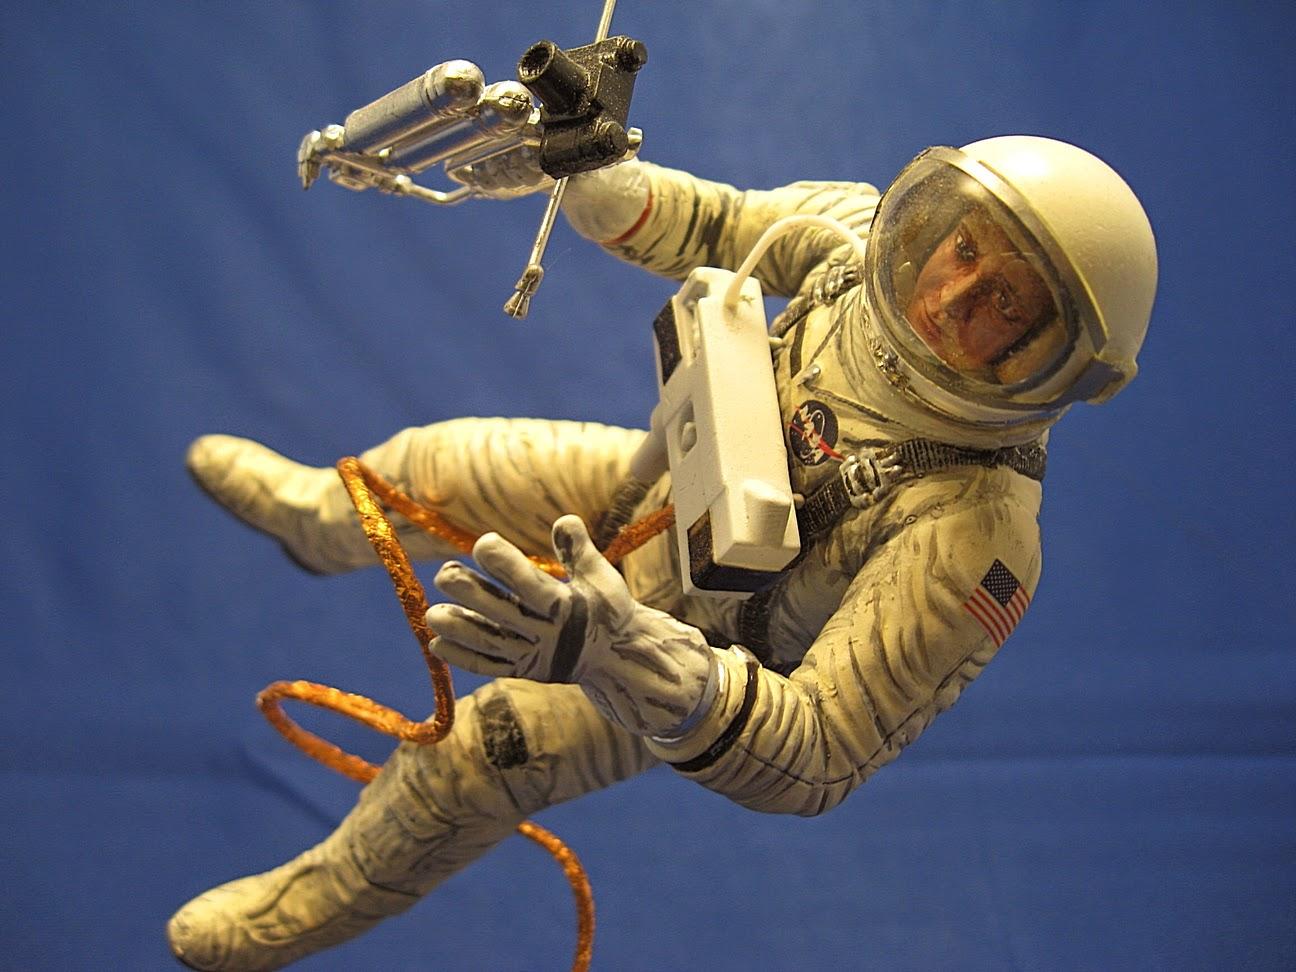 Ohio Valley Spaceport Revell 112 Scale Gemini Astronaut